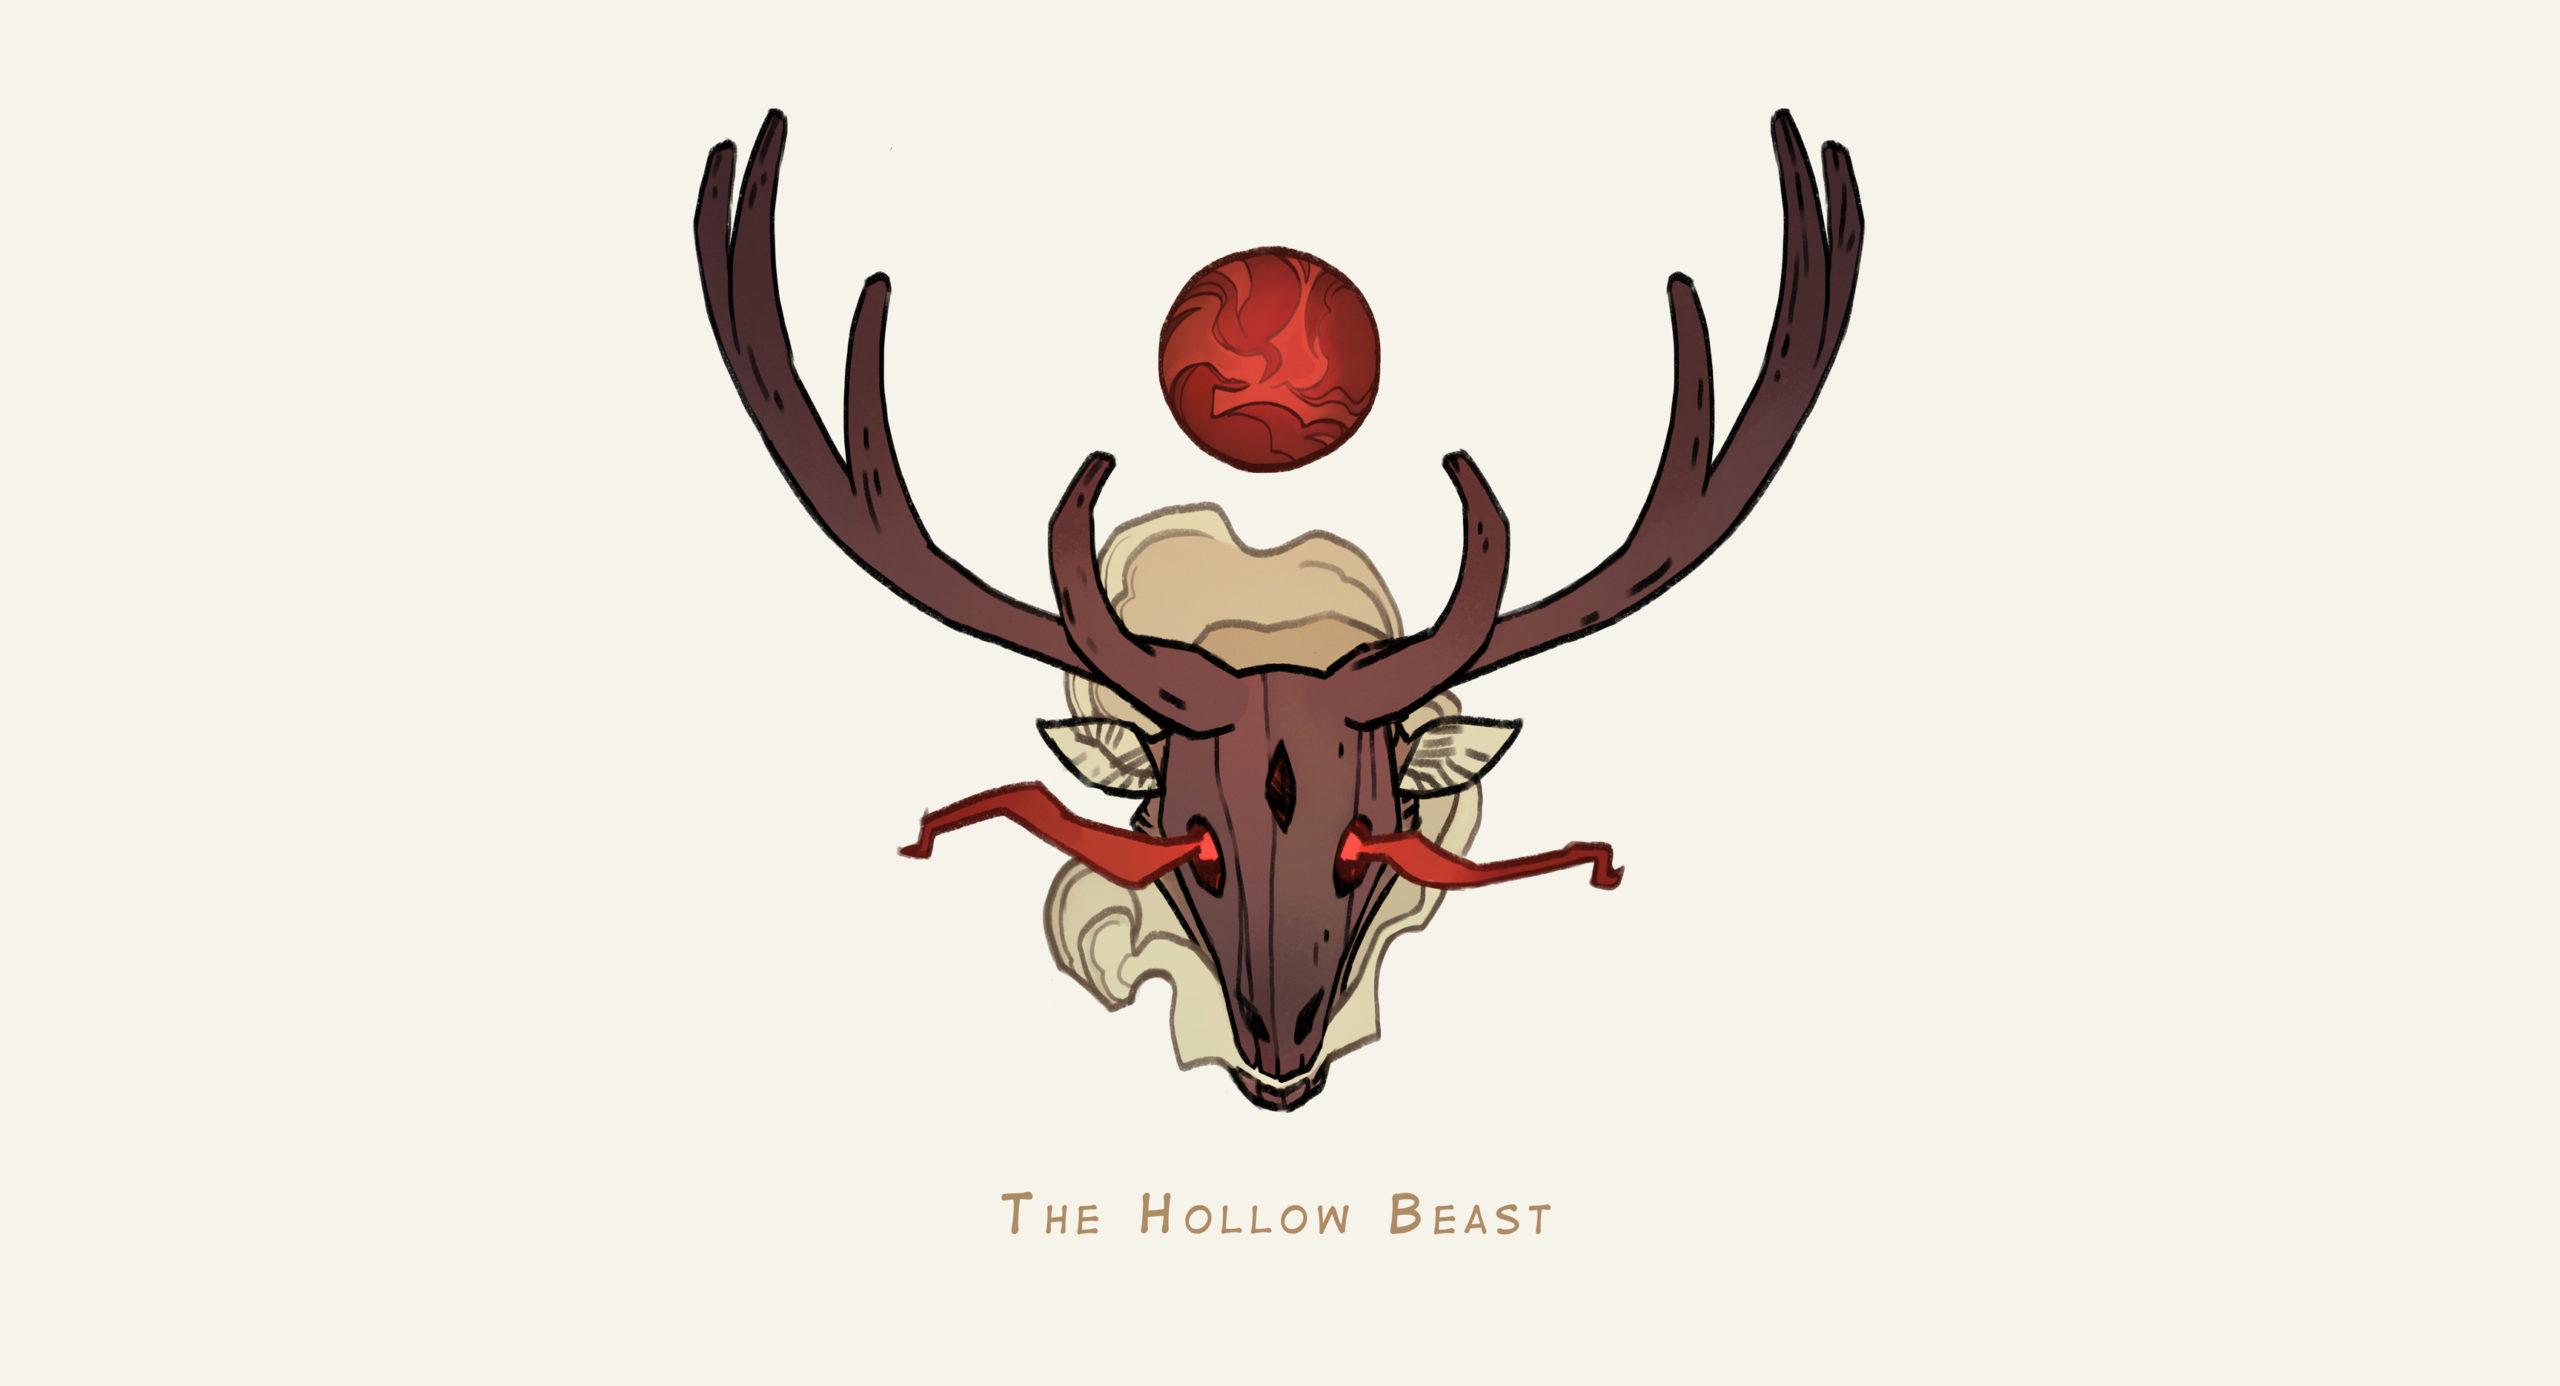 HollowBeast